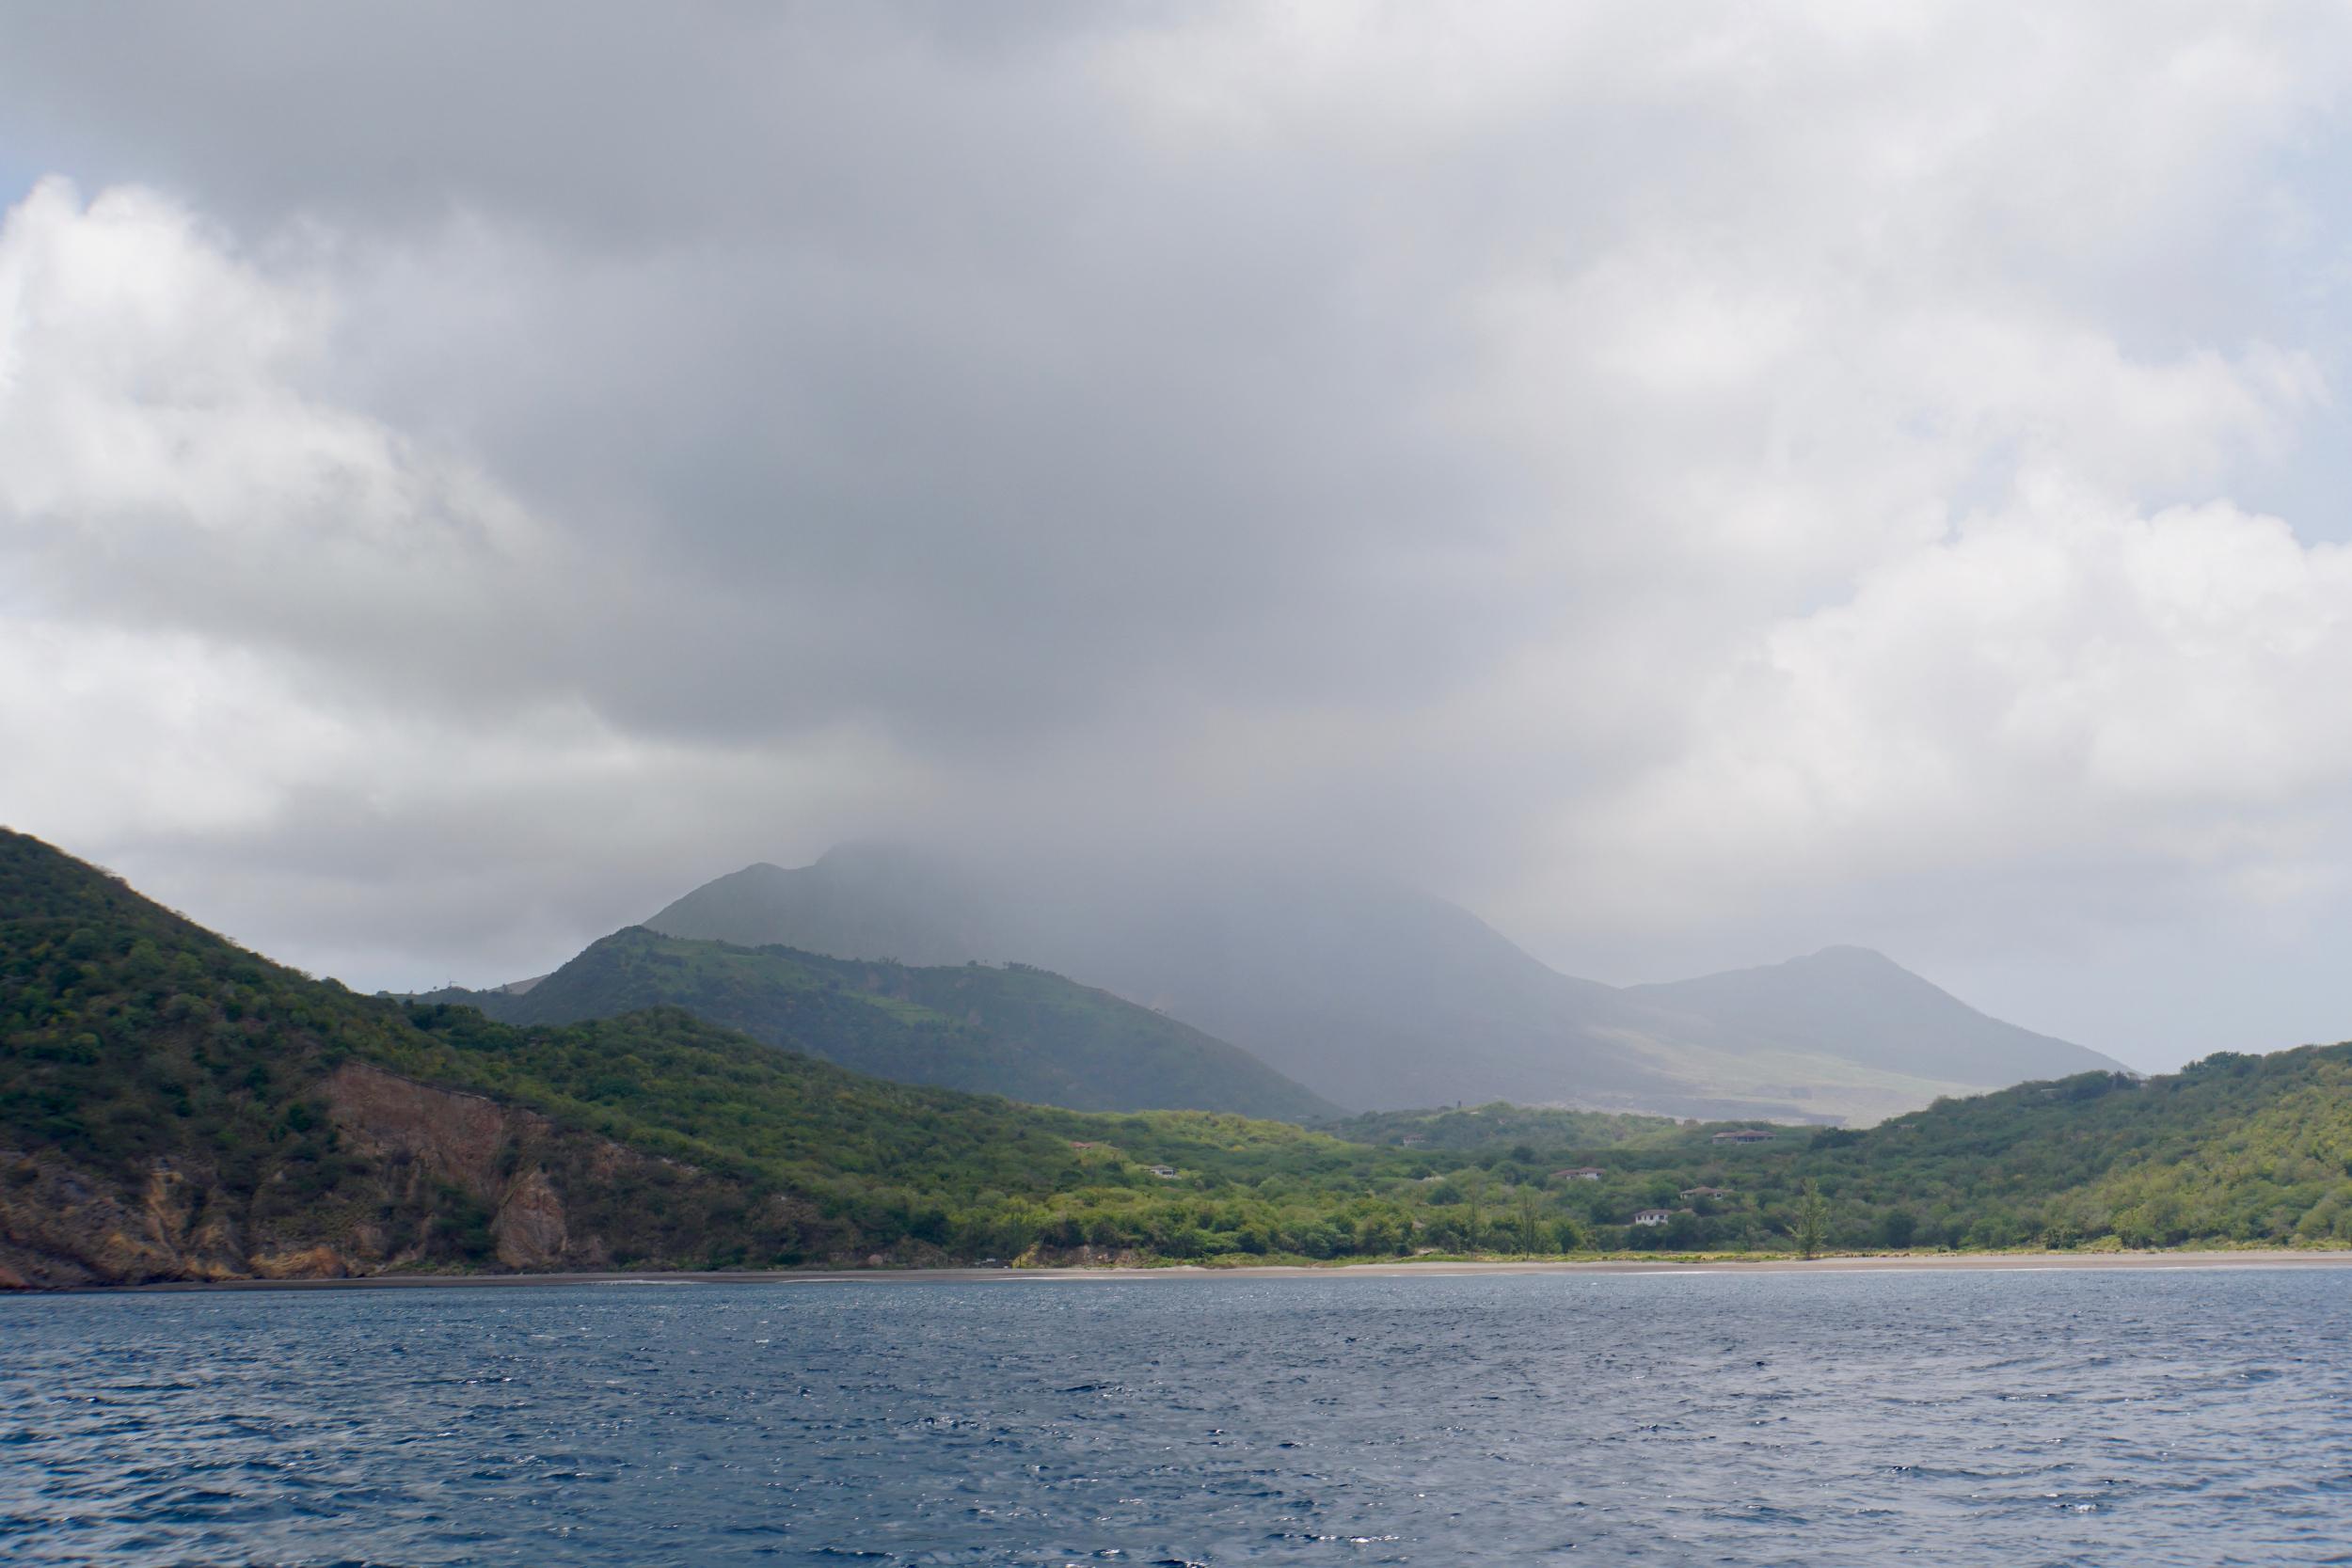 17. Sailing down Montserrat coast